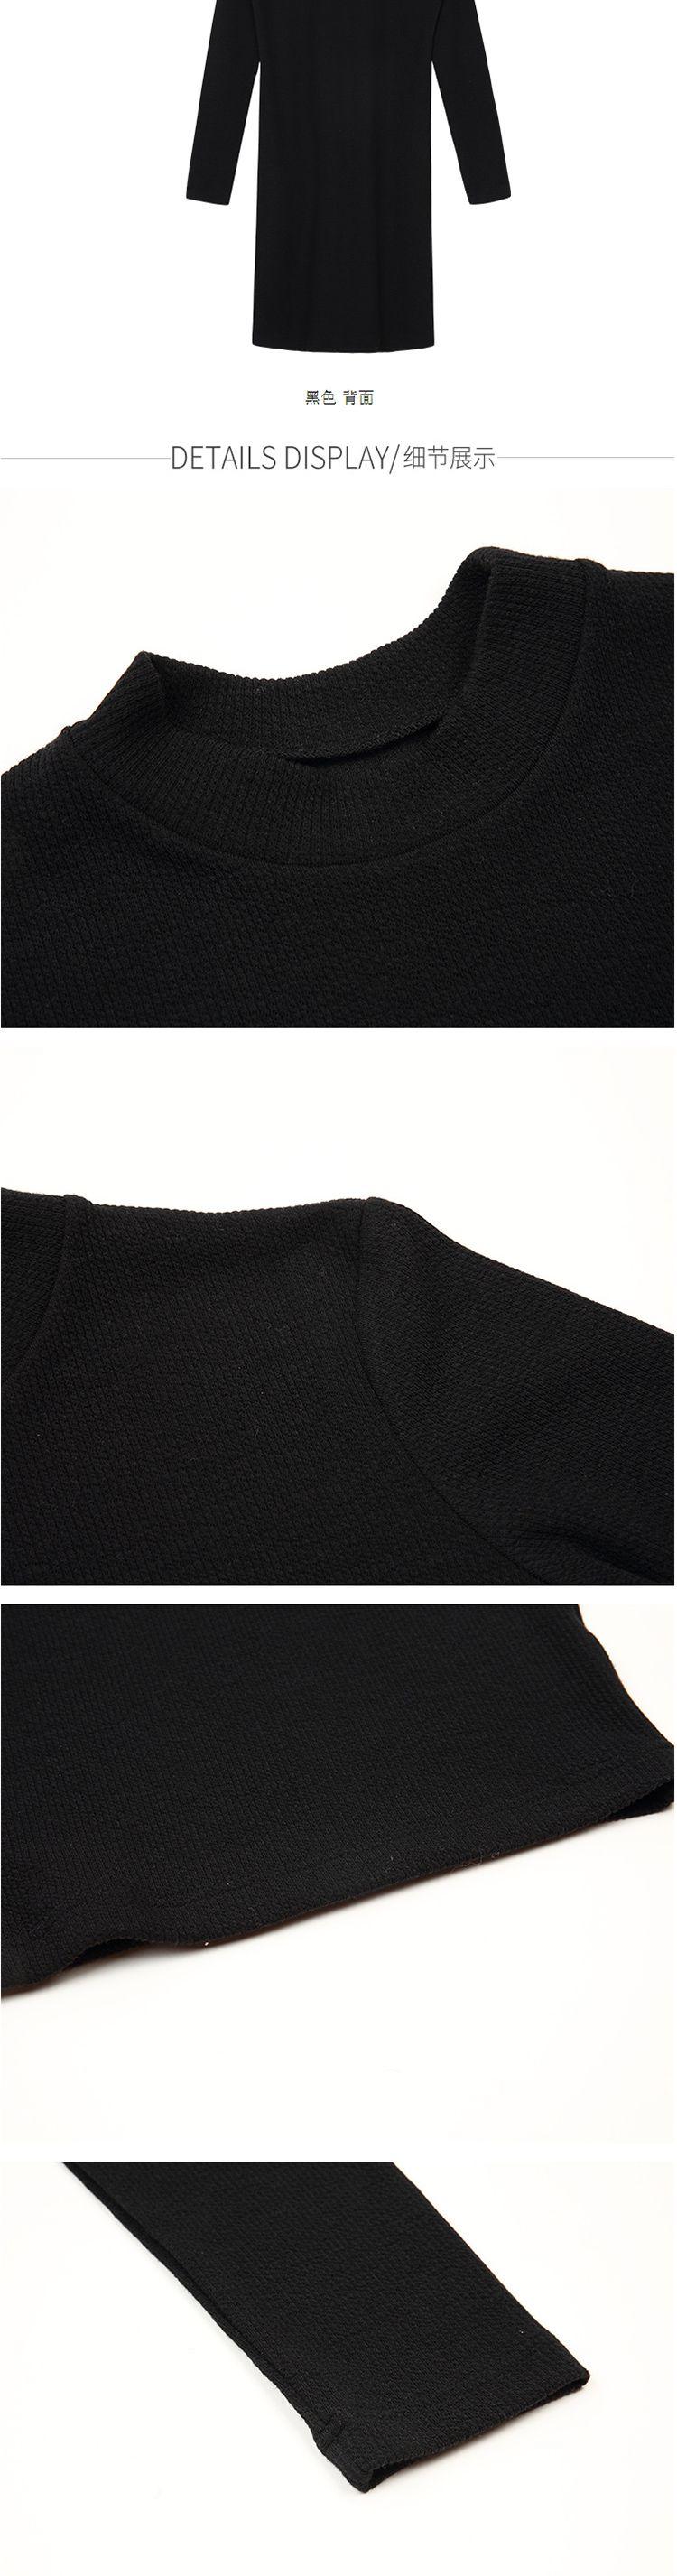 ps黑色底板素材